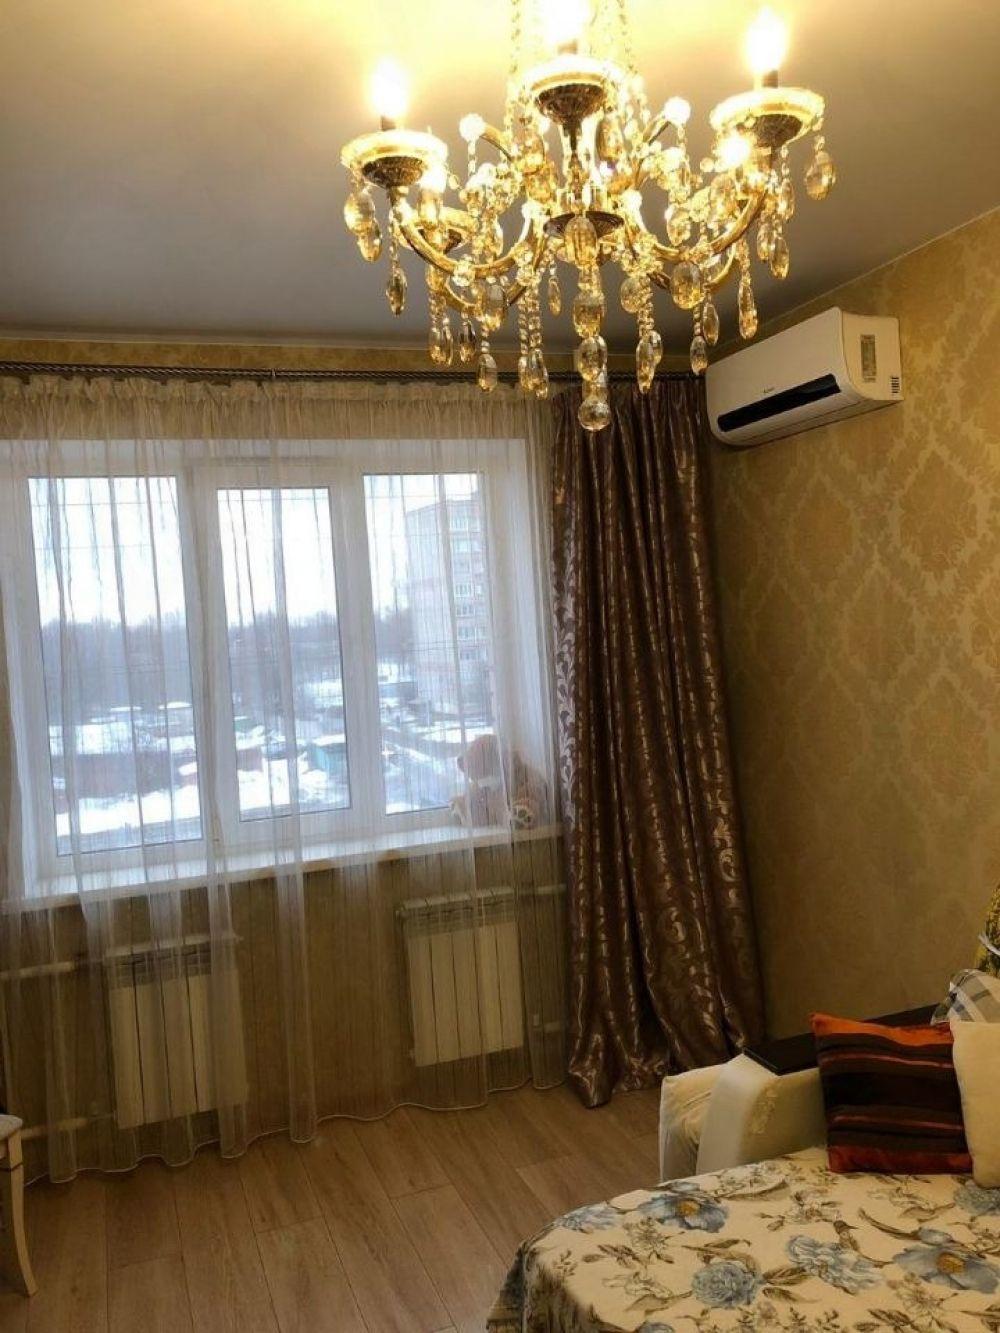 2-к квартира, Щёлково, Богородский 15, фото 5